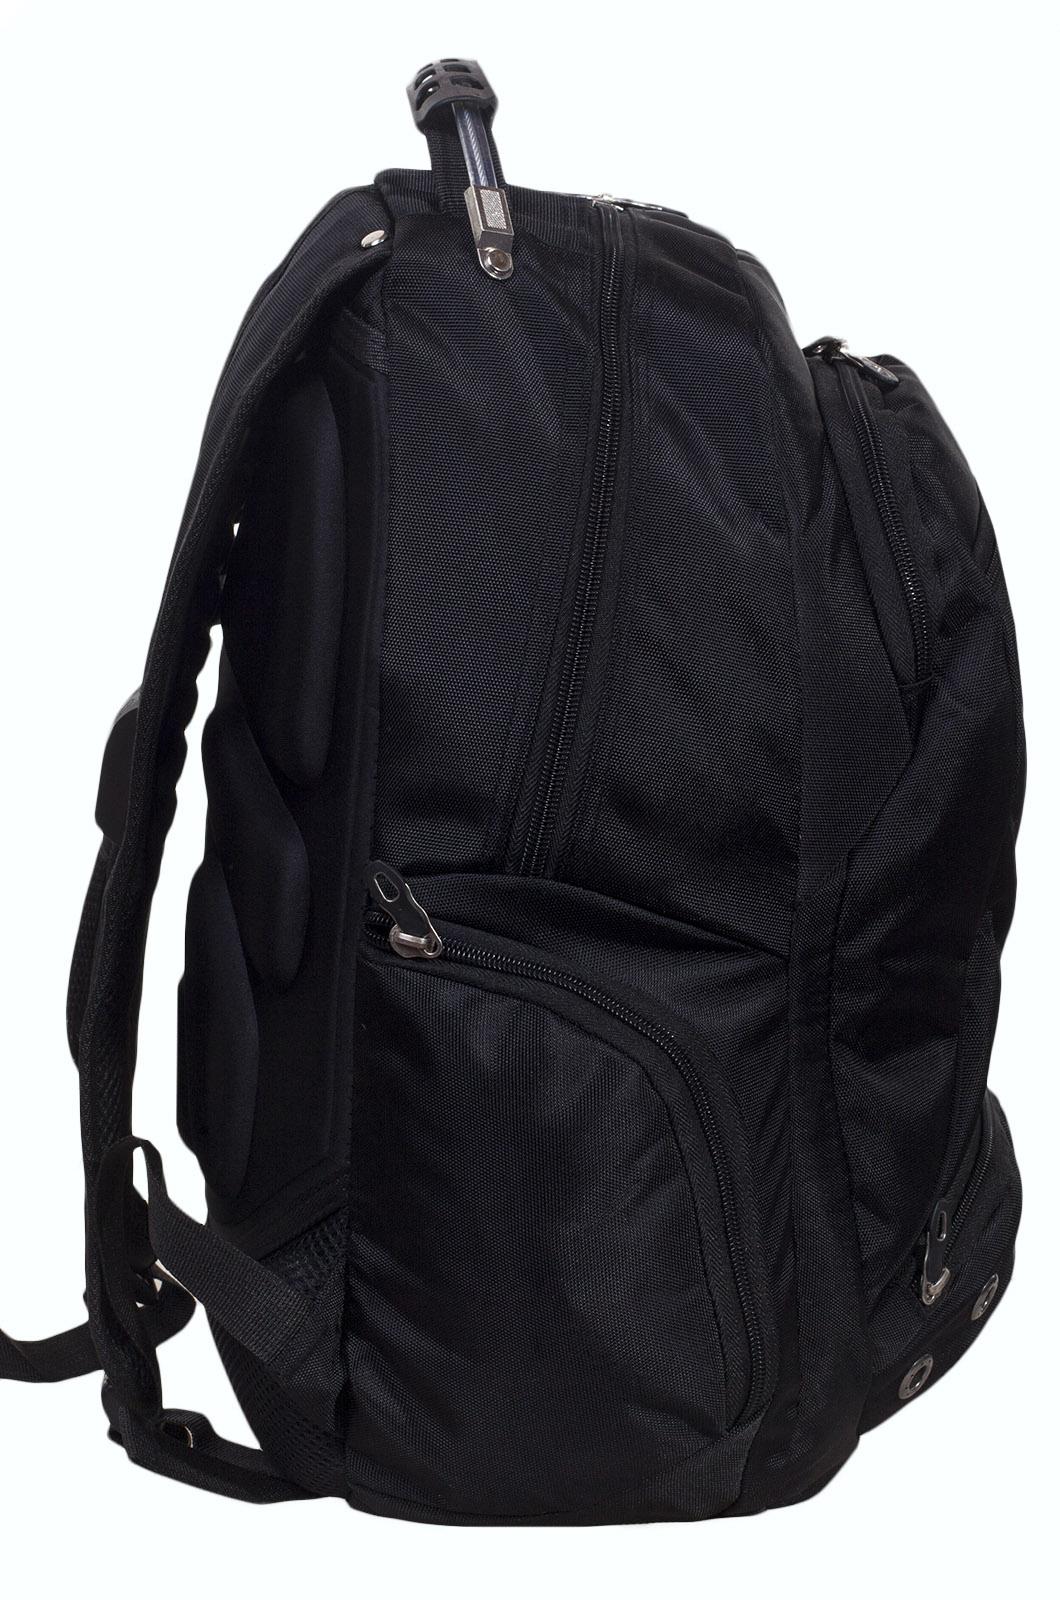 Заказать крутой мужской рюкзак с эмблемой СпНаз ГРУ